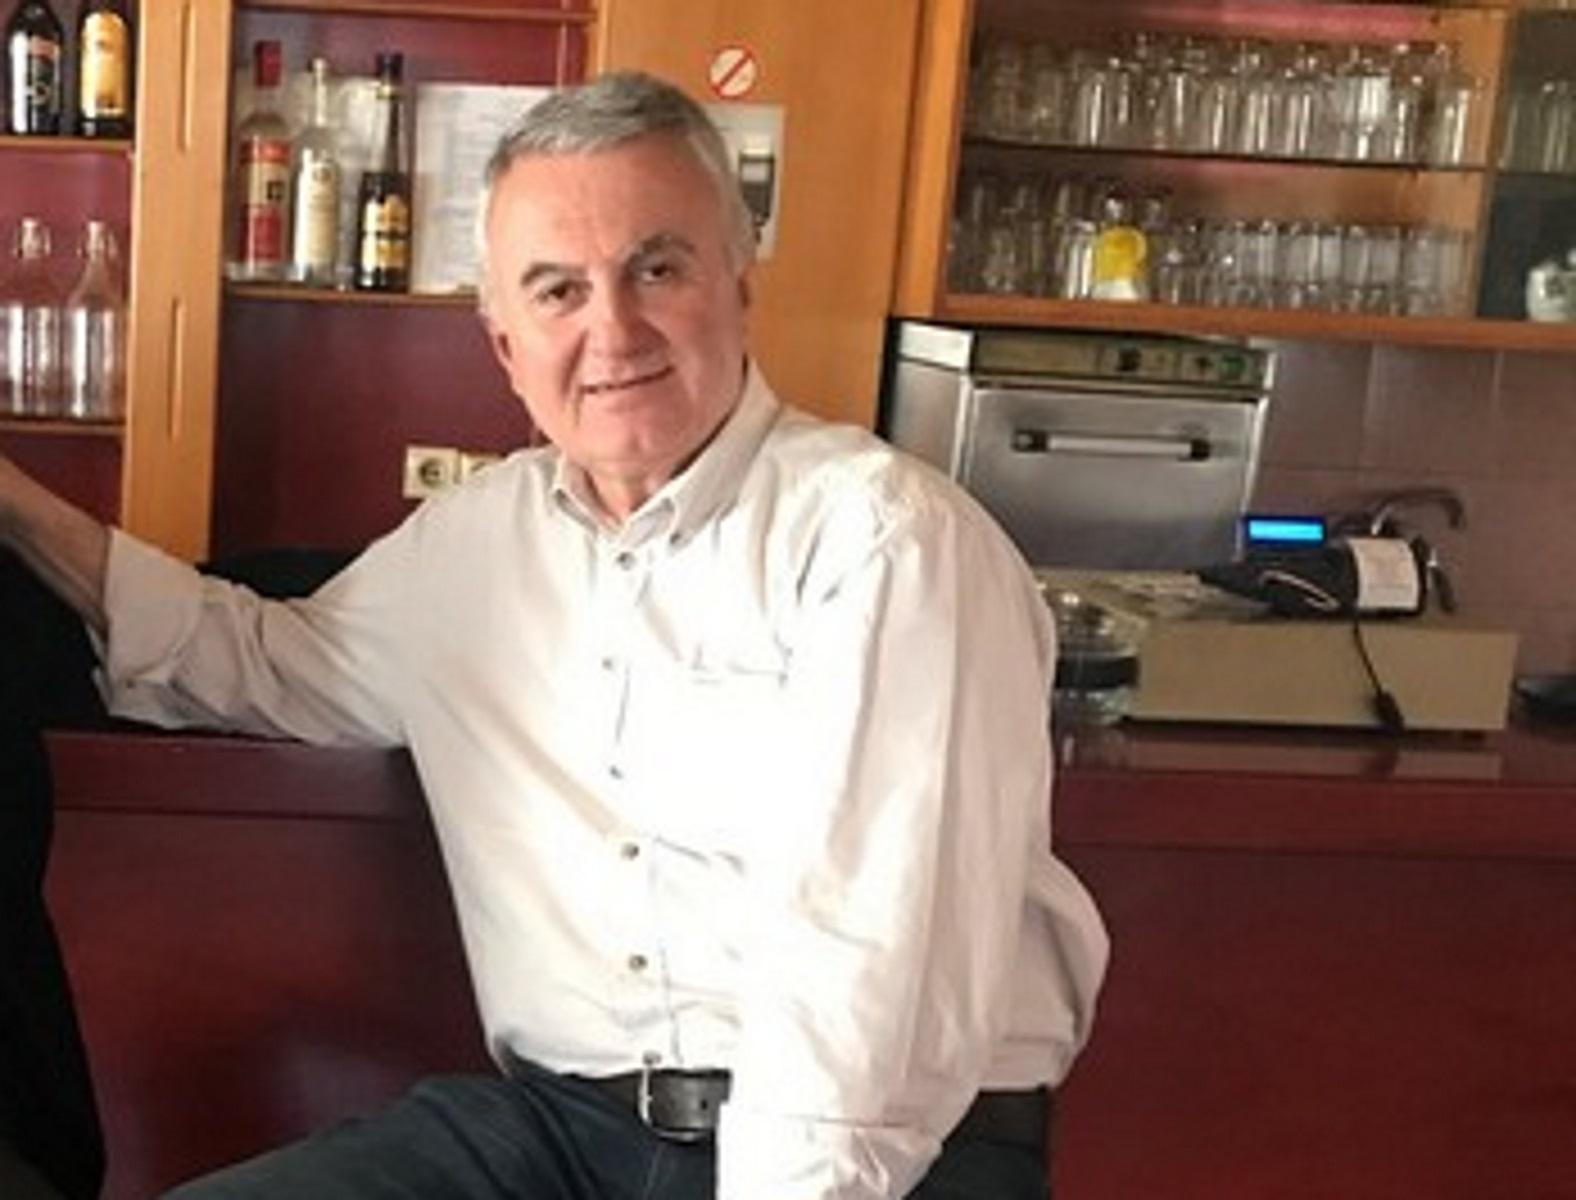 Αστακός: Πρώην δήμαρχος απείλησε να κόψει τις φλέβες του μέσα στο Δημοτικό Συμβούλιο!